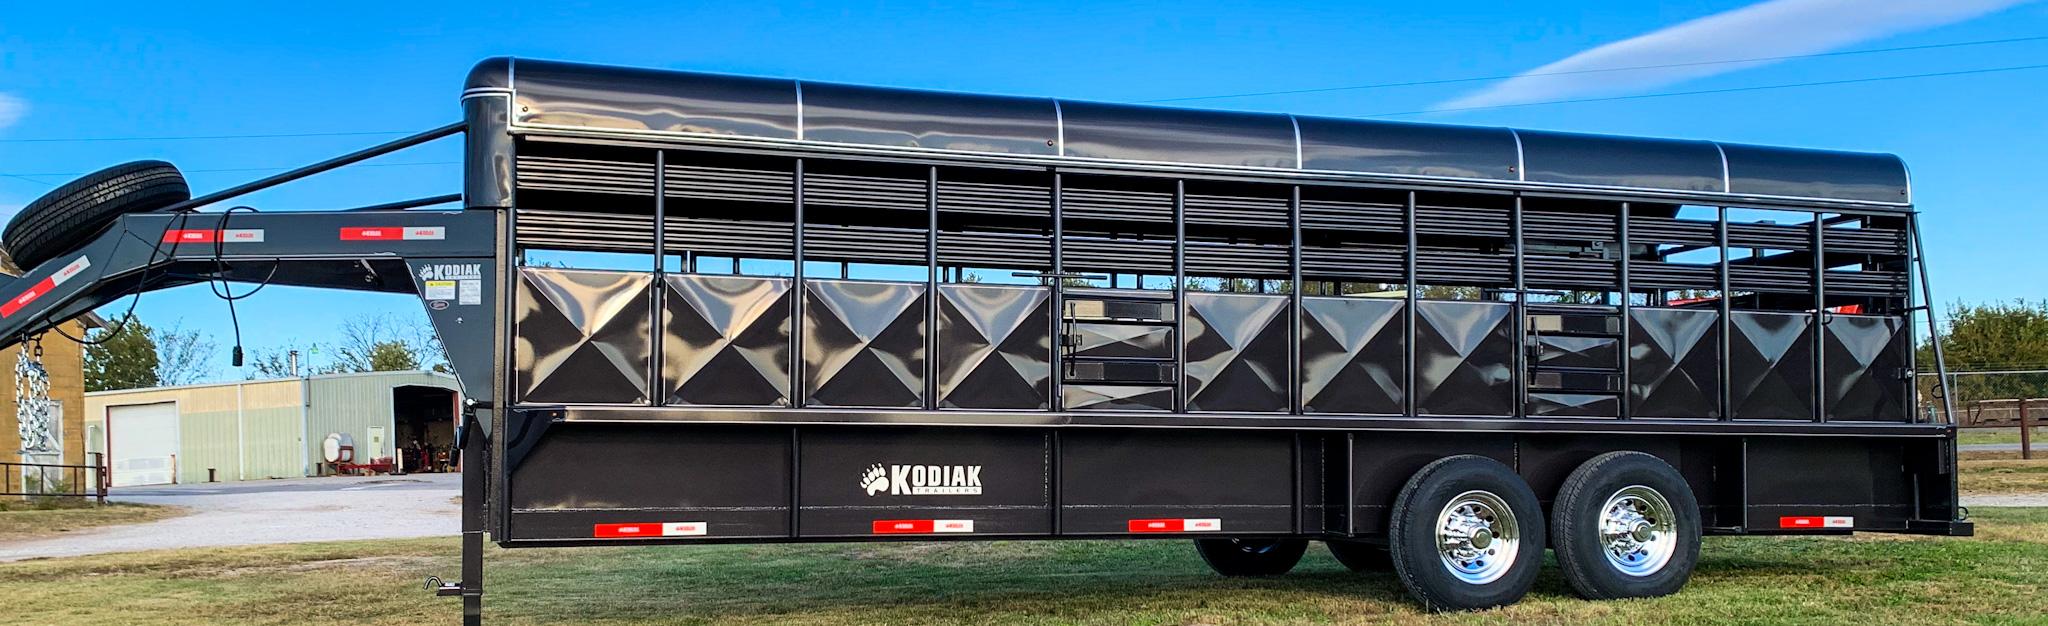 Kodiak Trailer